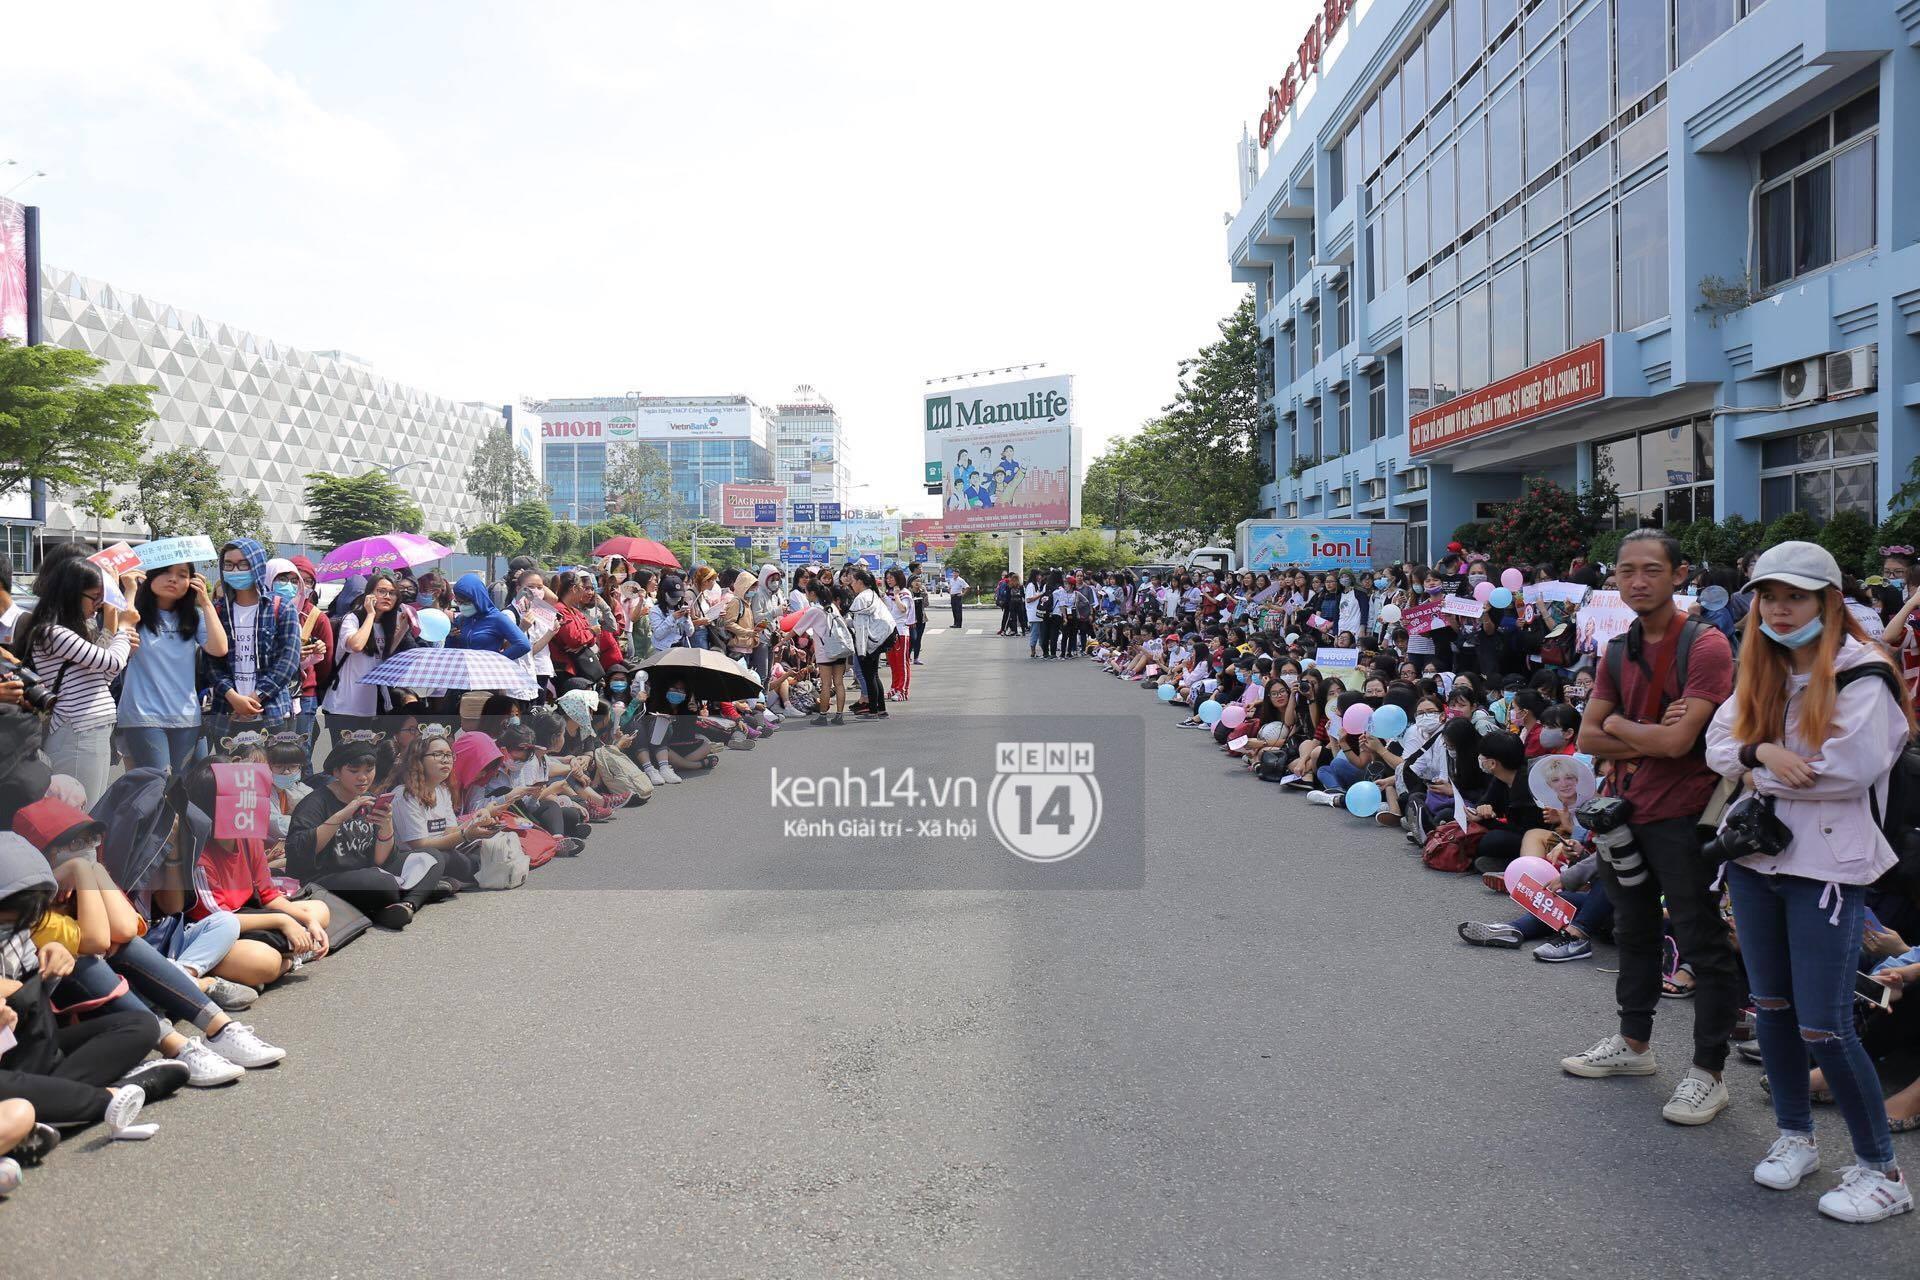 Hoàng tử lai Samuel điển trai, cùng Seventeen ngoái lại chào fan Việt bằng được tại sân bay Tân Sơn Nhất - Ảnh 17.